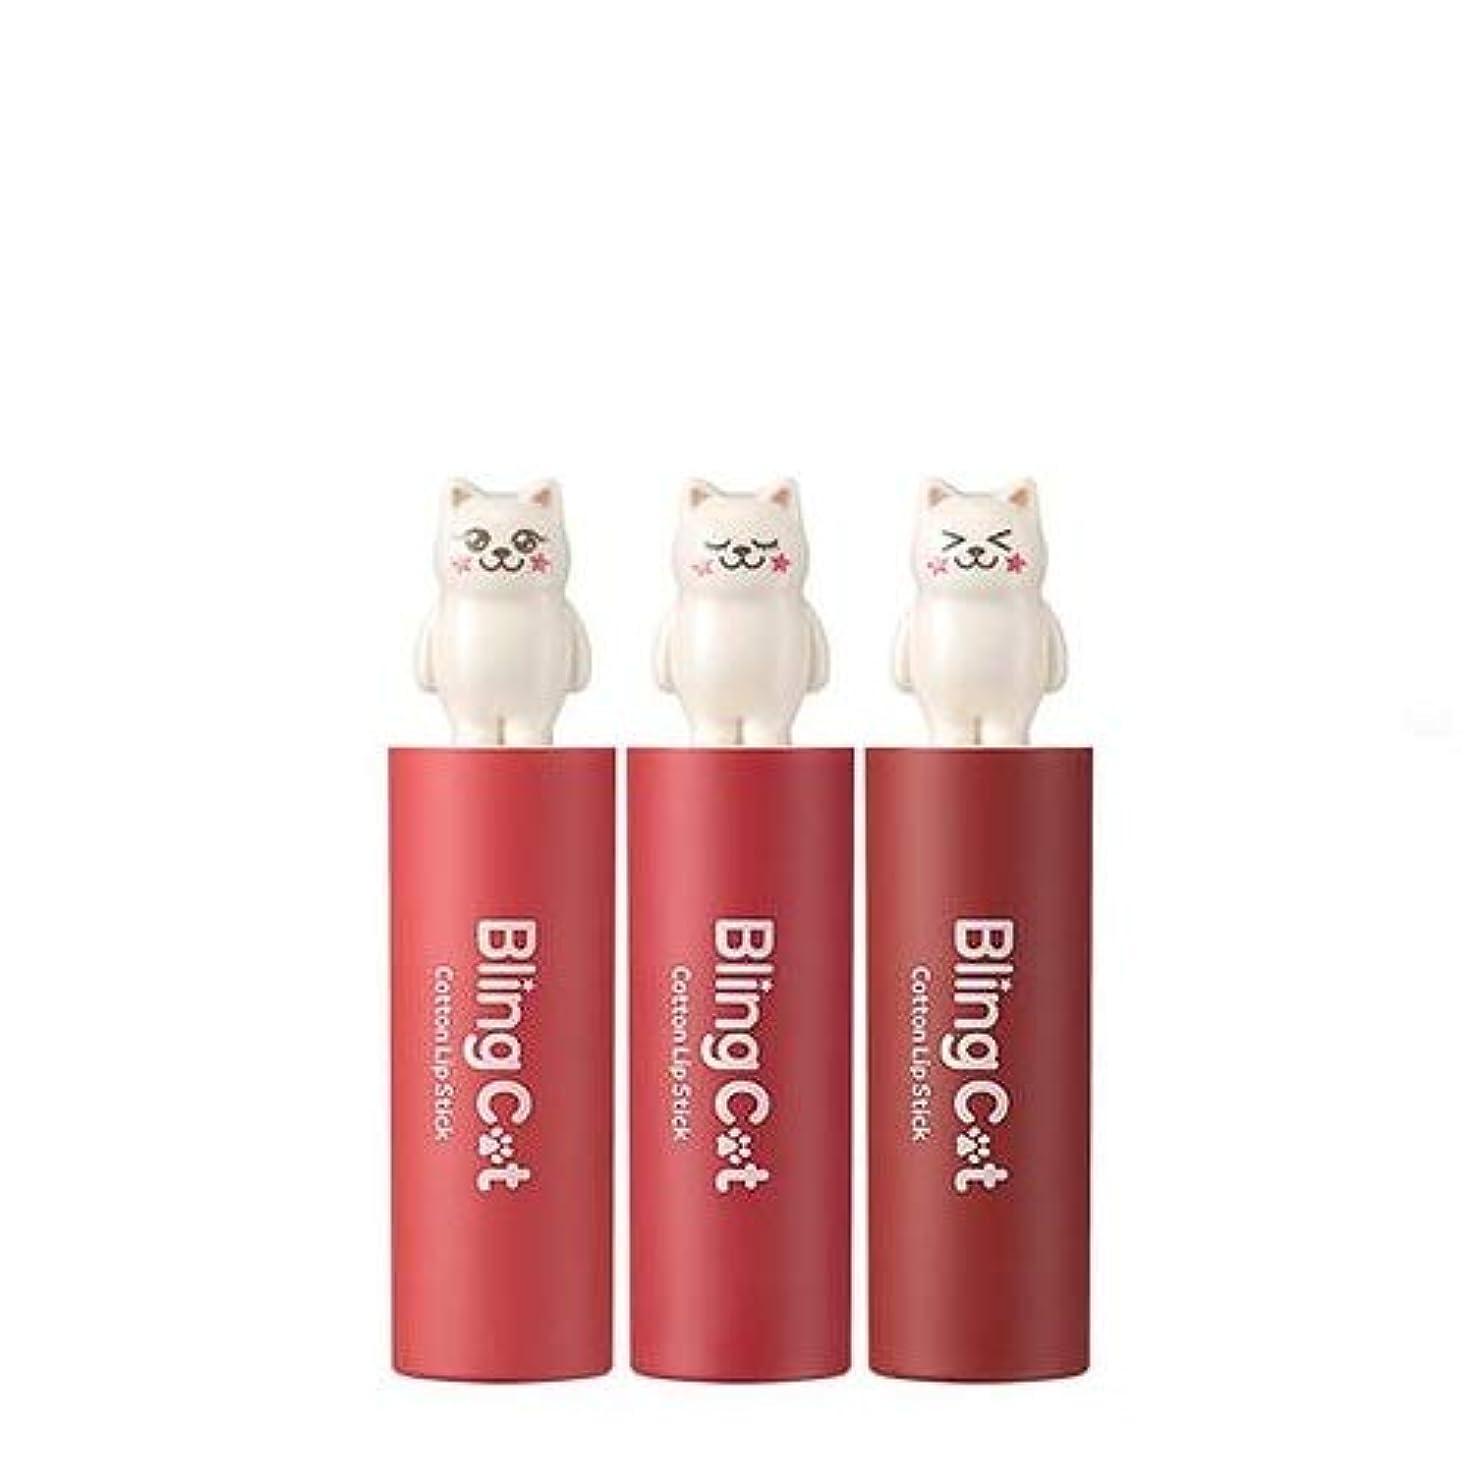 世界に死んだオン気分トニーモリー ブリングキャット コットン リップスティック 3.4g / TONYMOLY Bling Cat Cotton Lipstick # 08. Femme Love [並行輸入品]